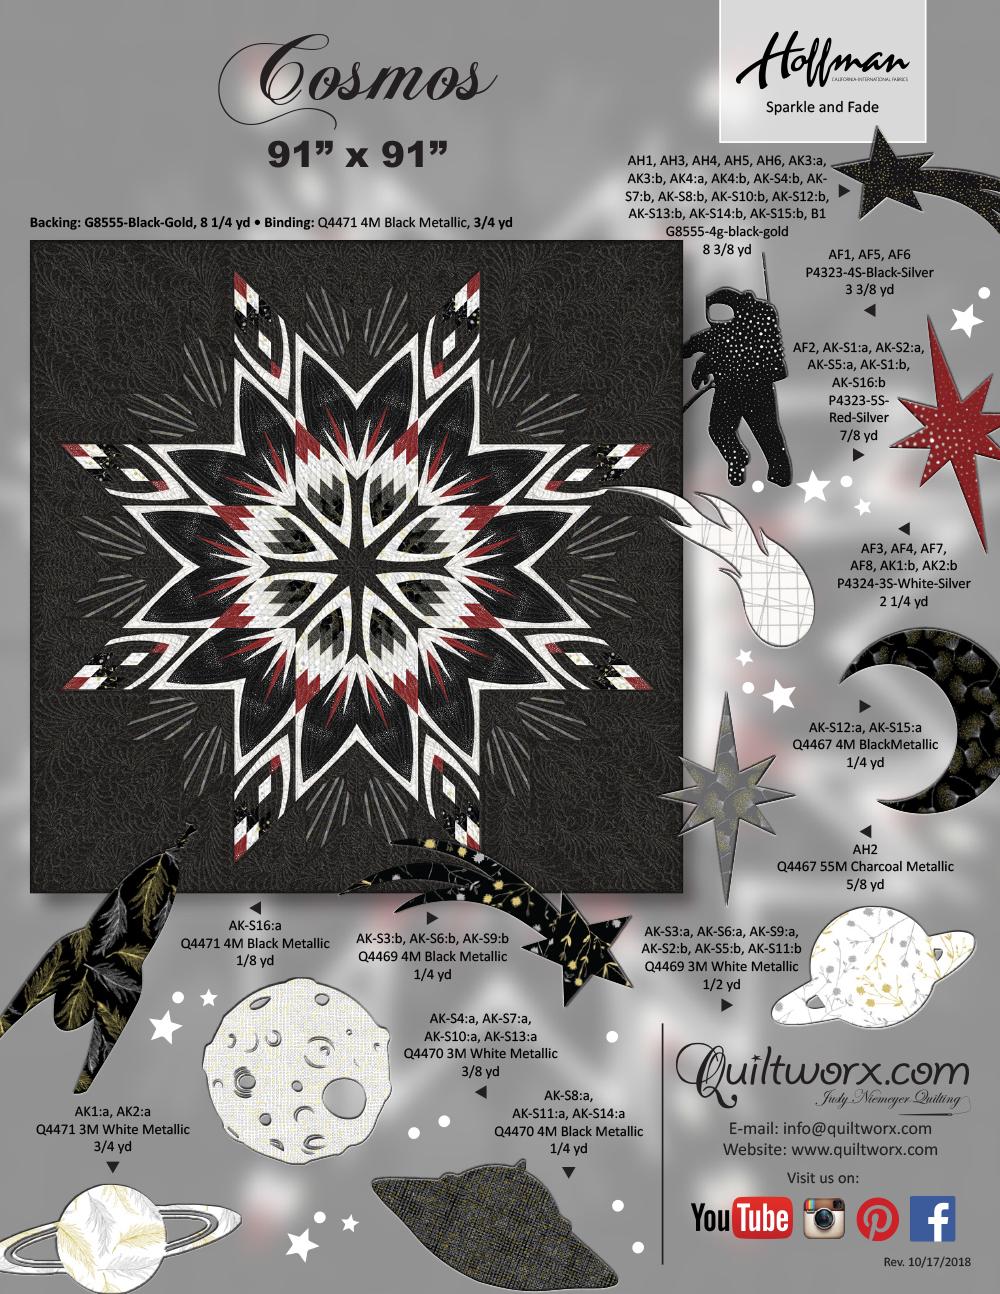 Cosmos-Hoffman-Sparkle-&-Fade-1pg-KS